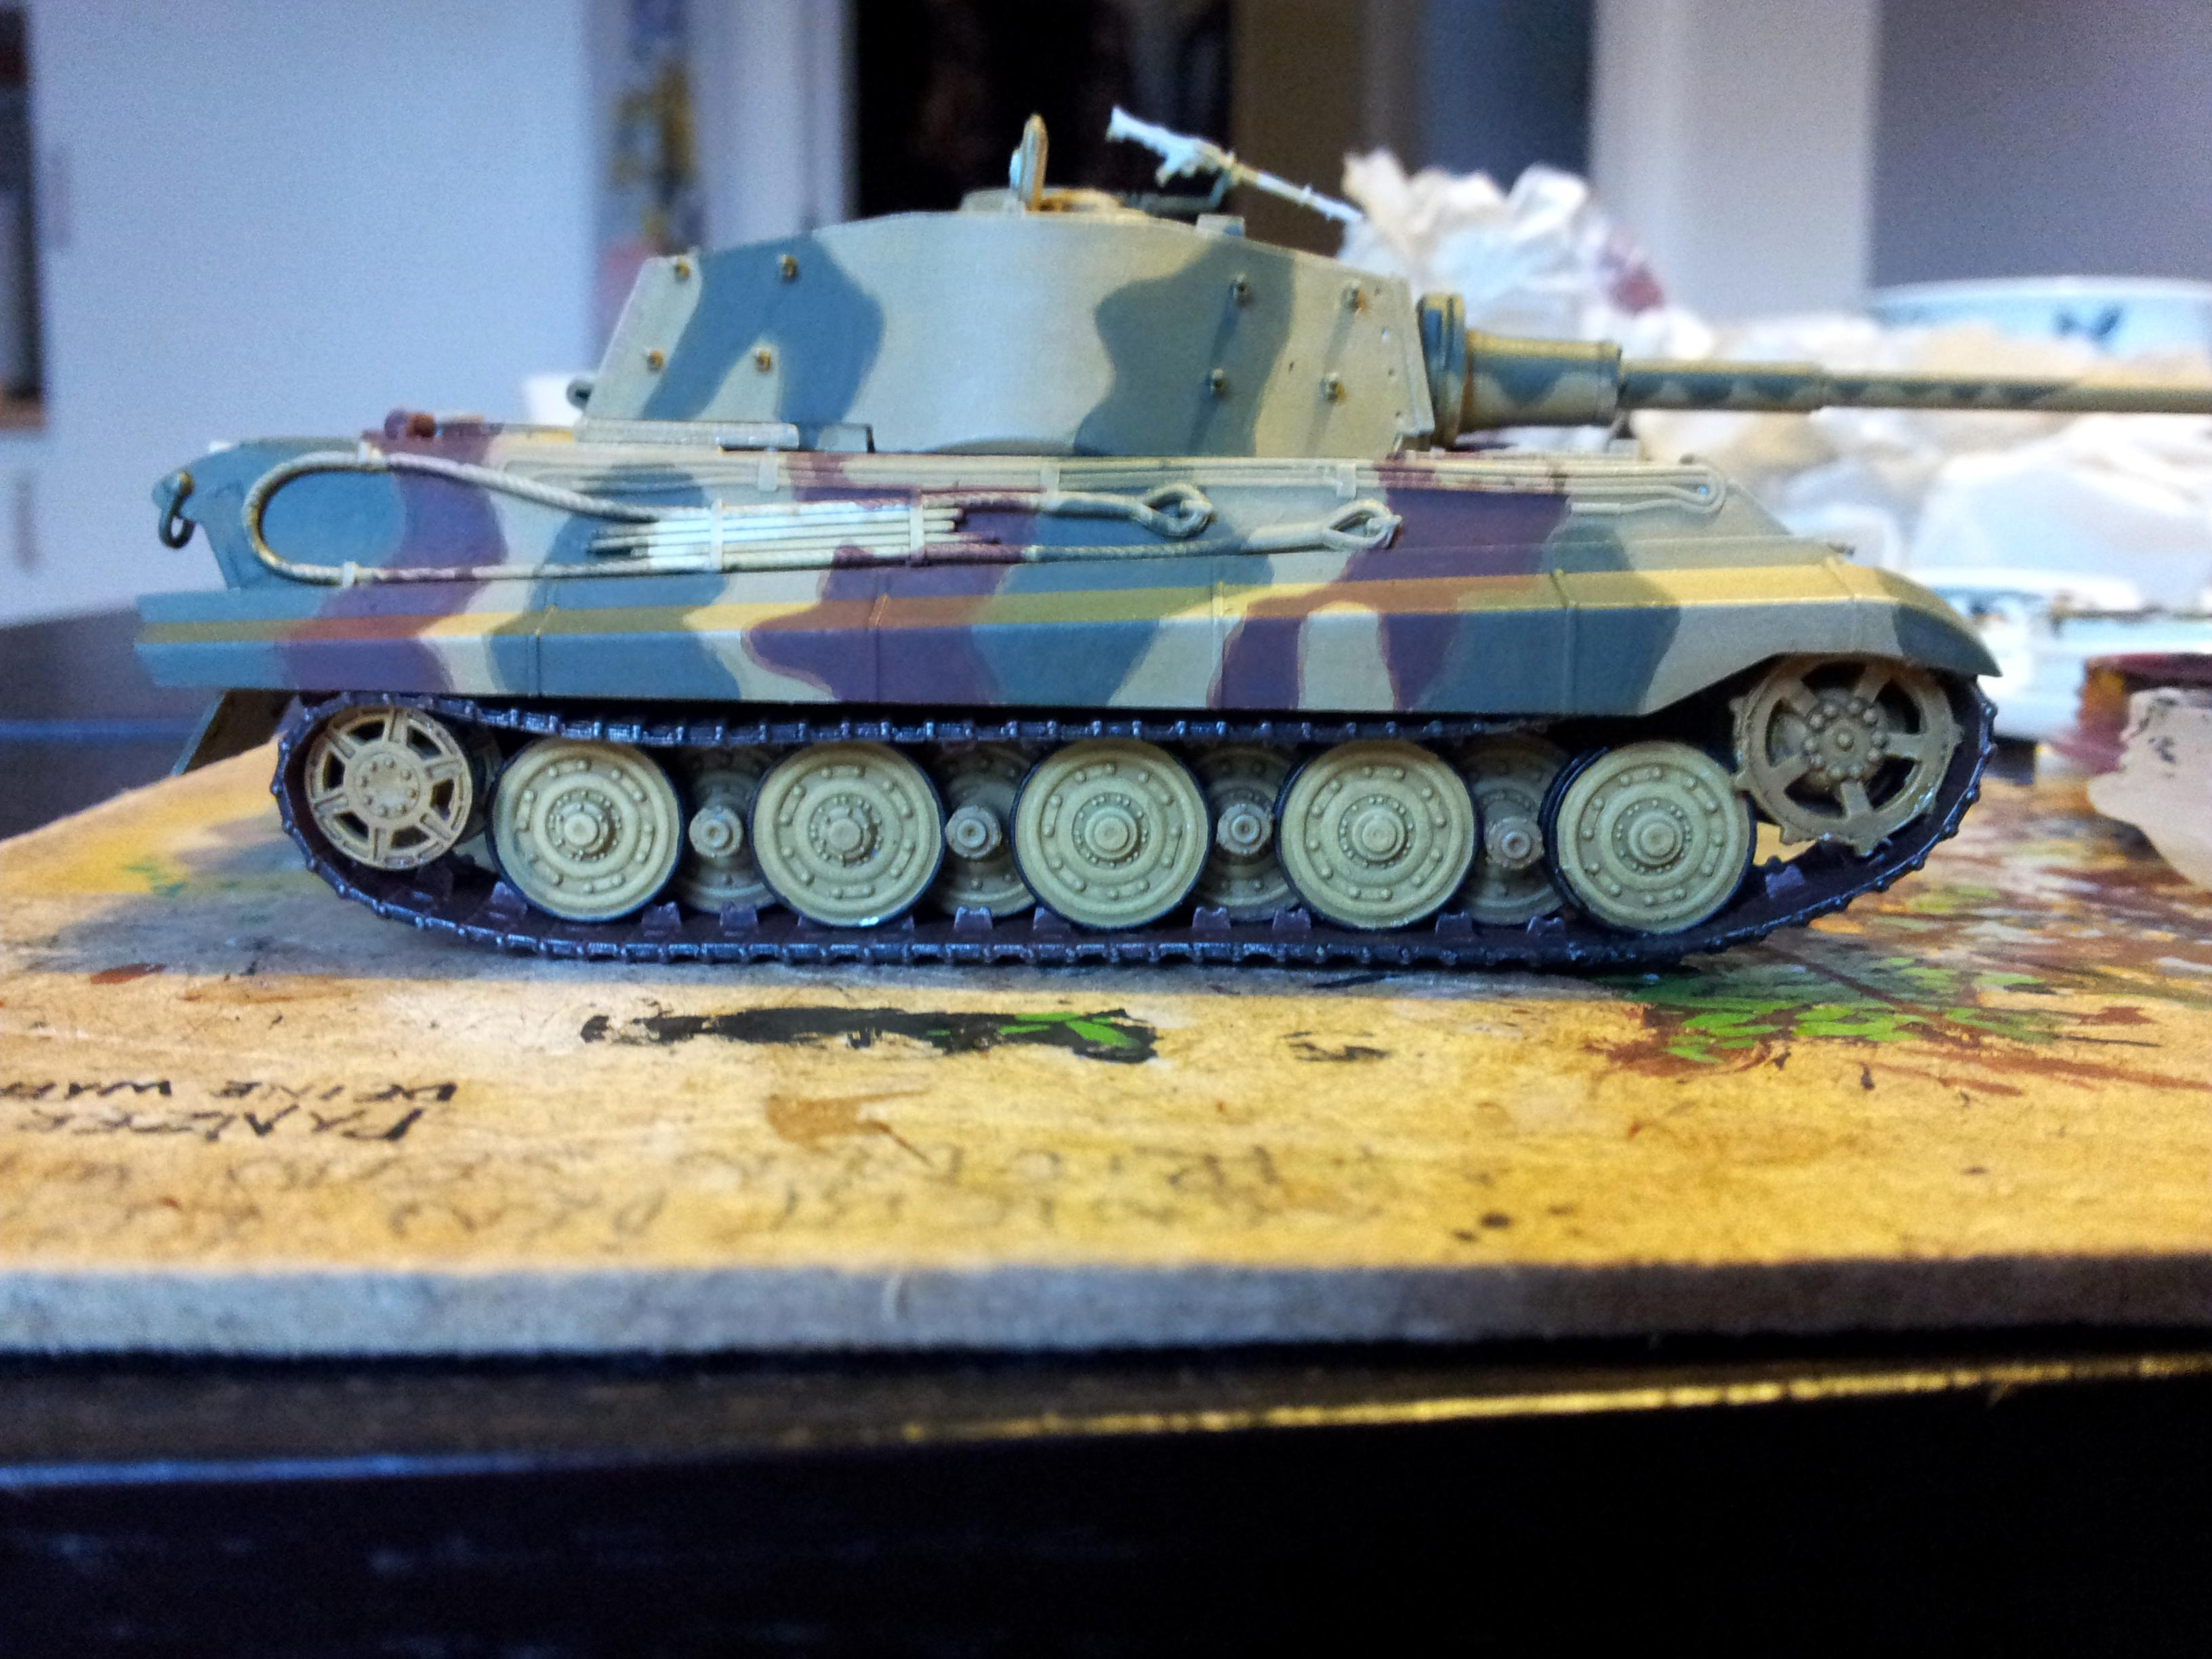 Germans, King Tiger, Panzer, Panzer V, Tiger, World War 2